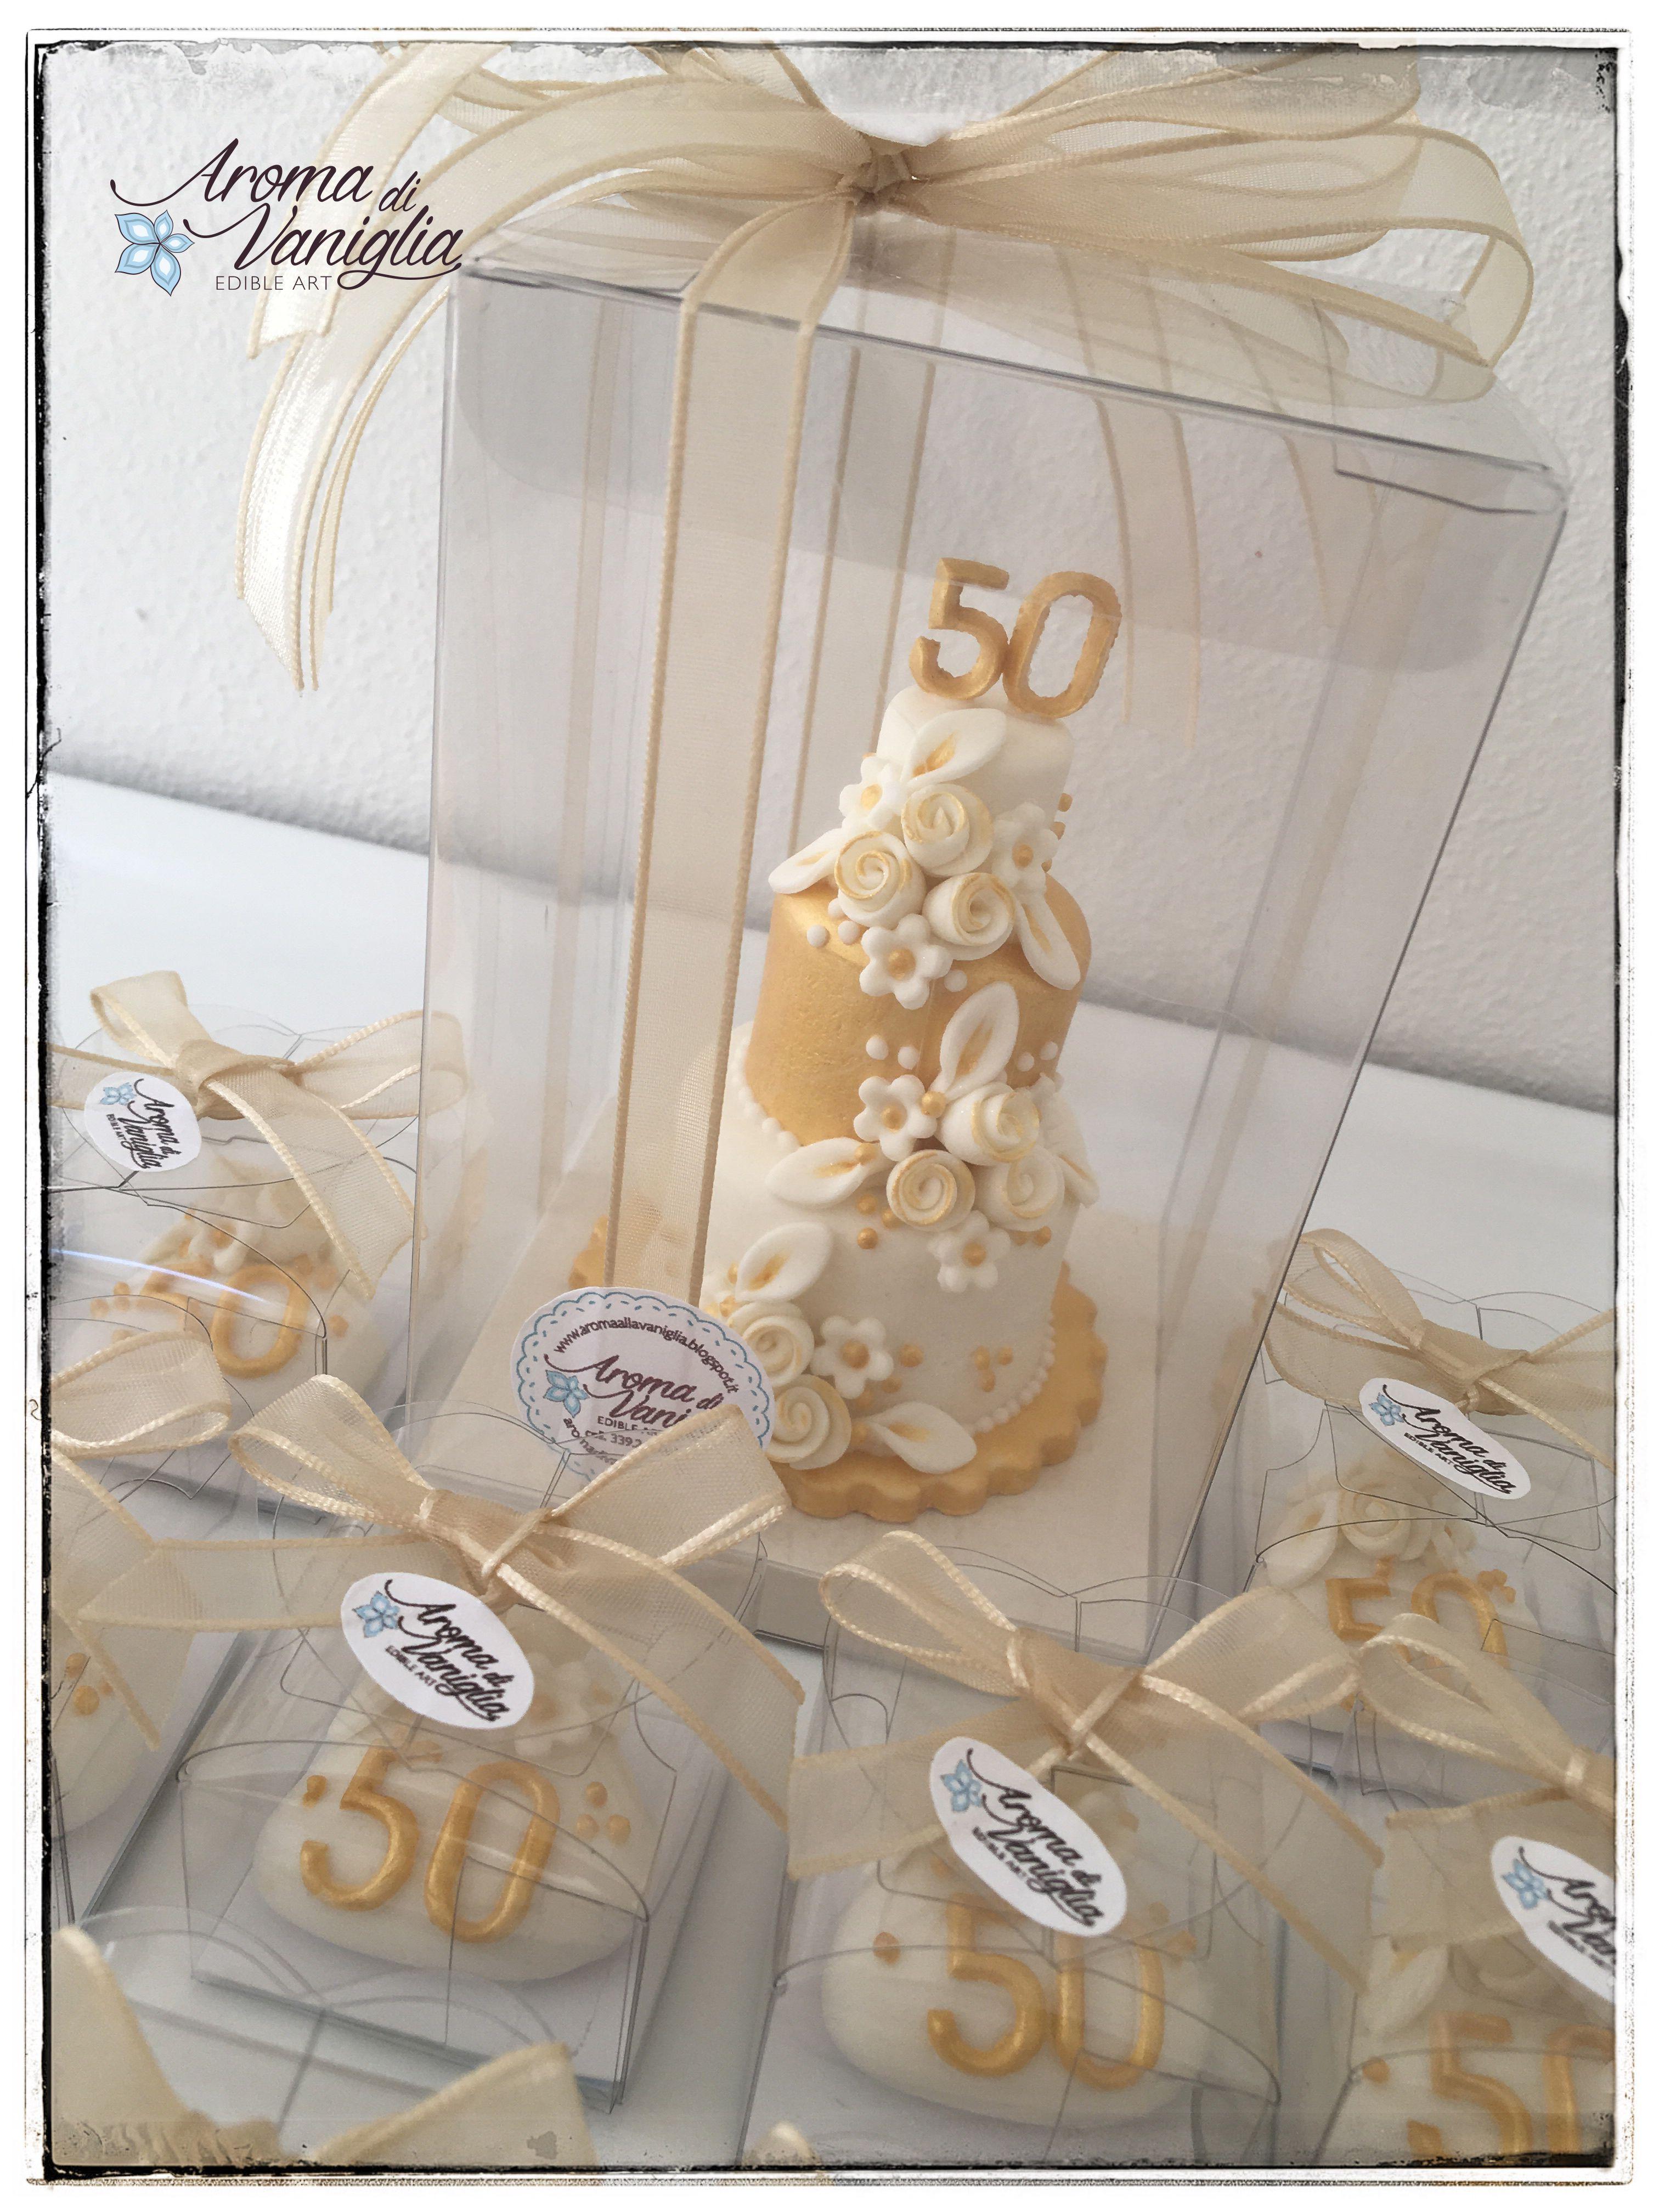 Pin di aroma di vaniglia su Confetti decorati ...